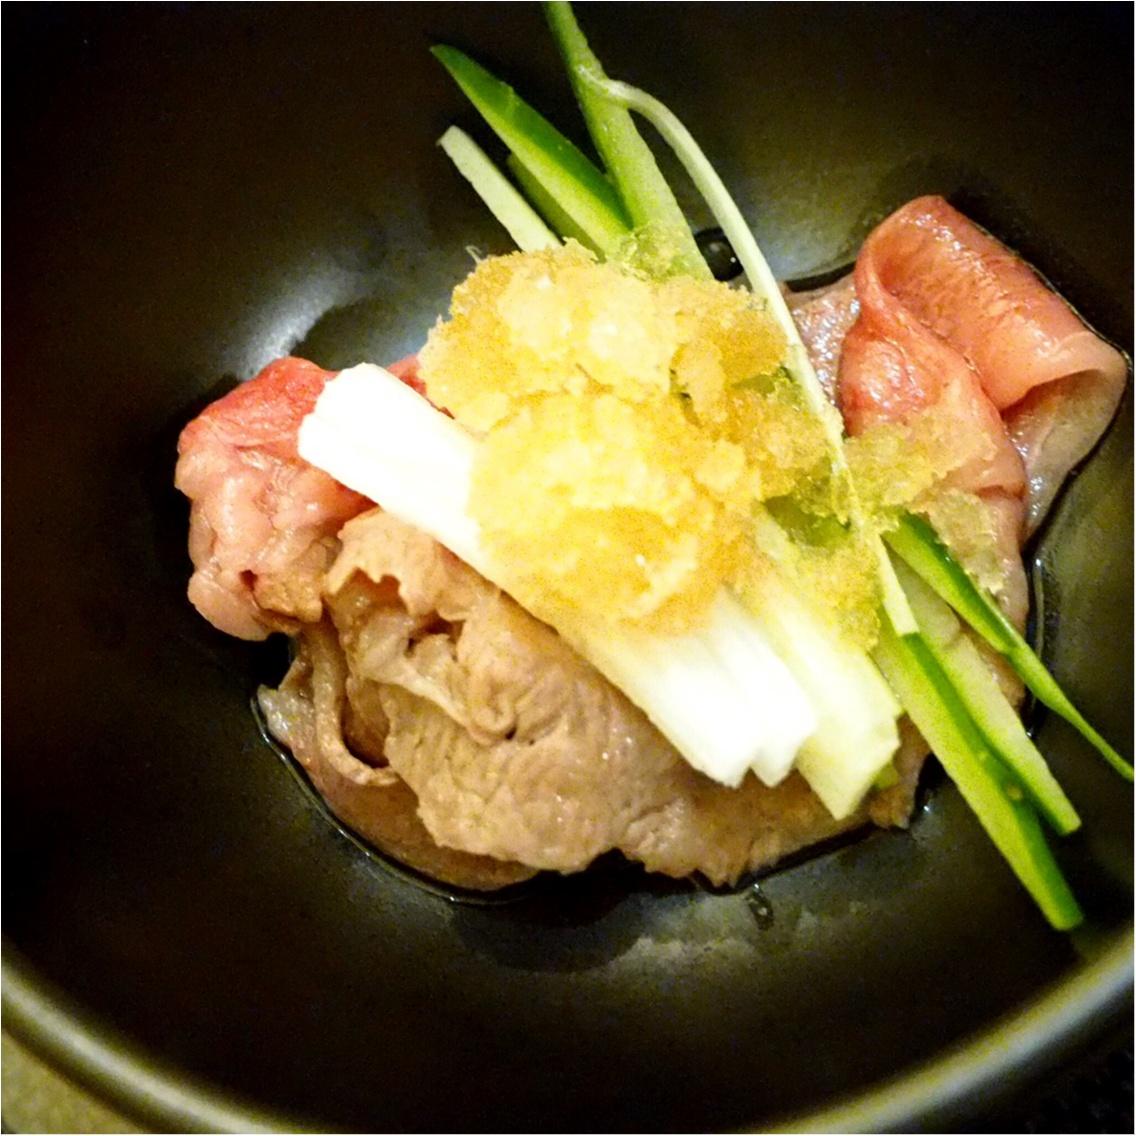 暑い夏こそ食べなきゃ♡塩すき鍋は特製の氷ダレをのせてさっぱりとした味わい_7